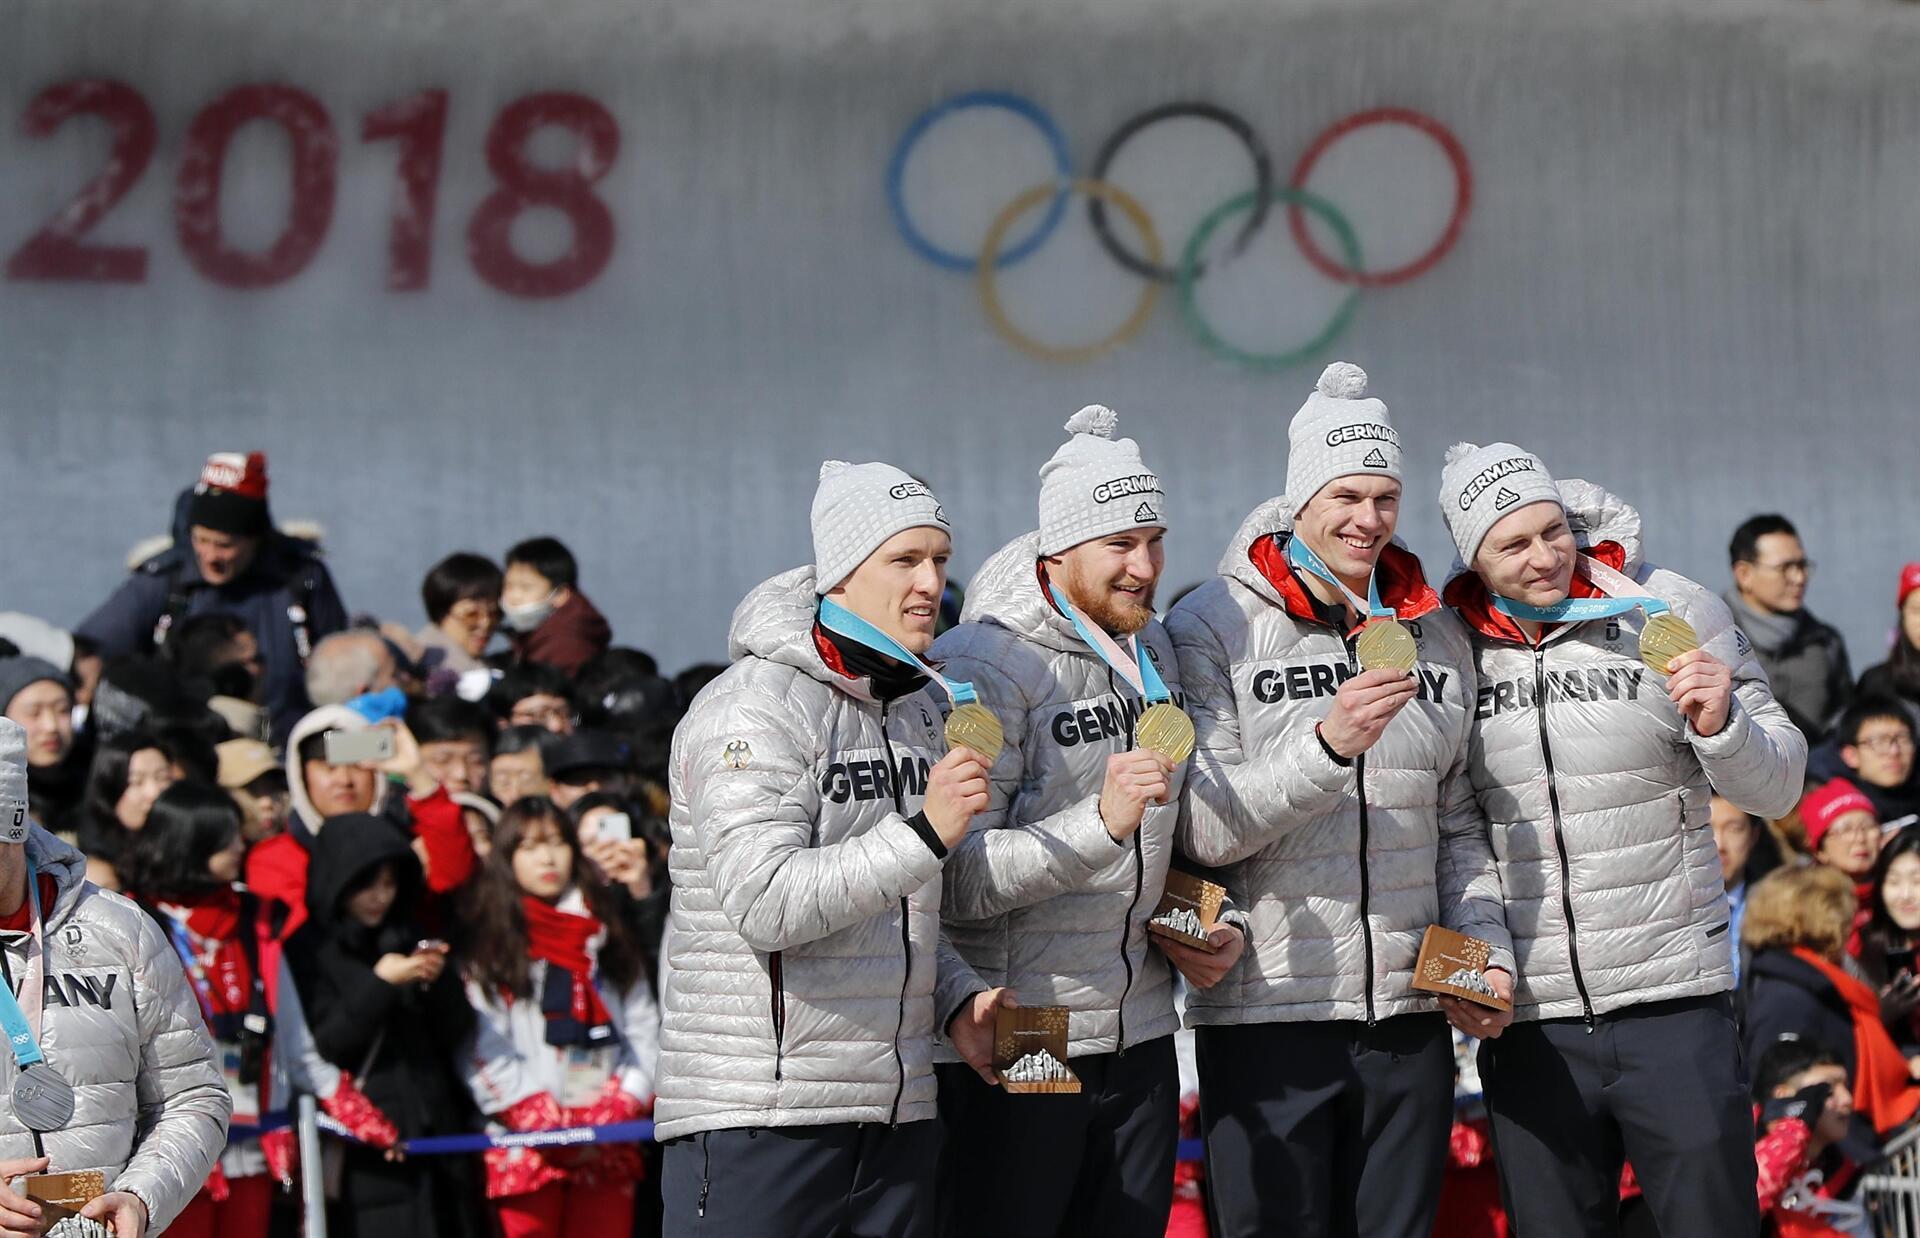 4'lü bobsled yarışında Almanlar kazandı